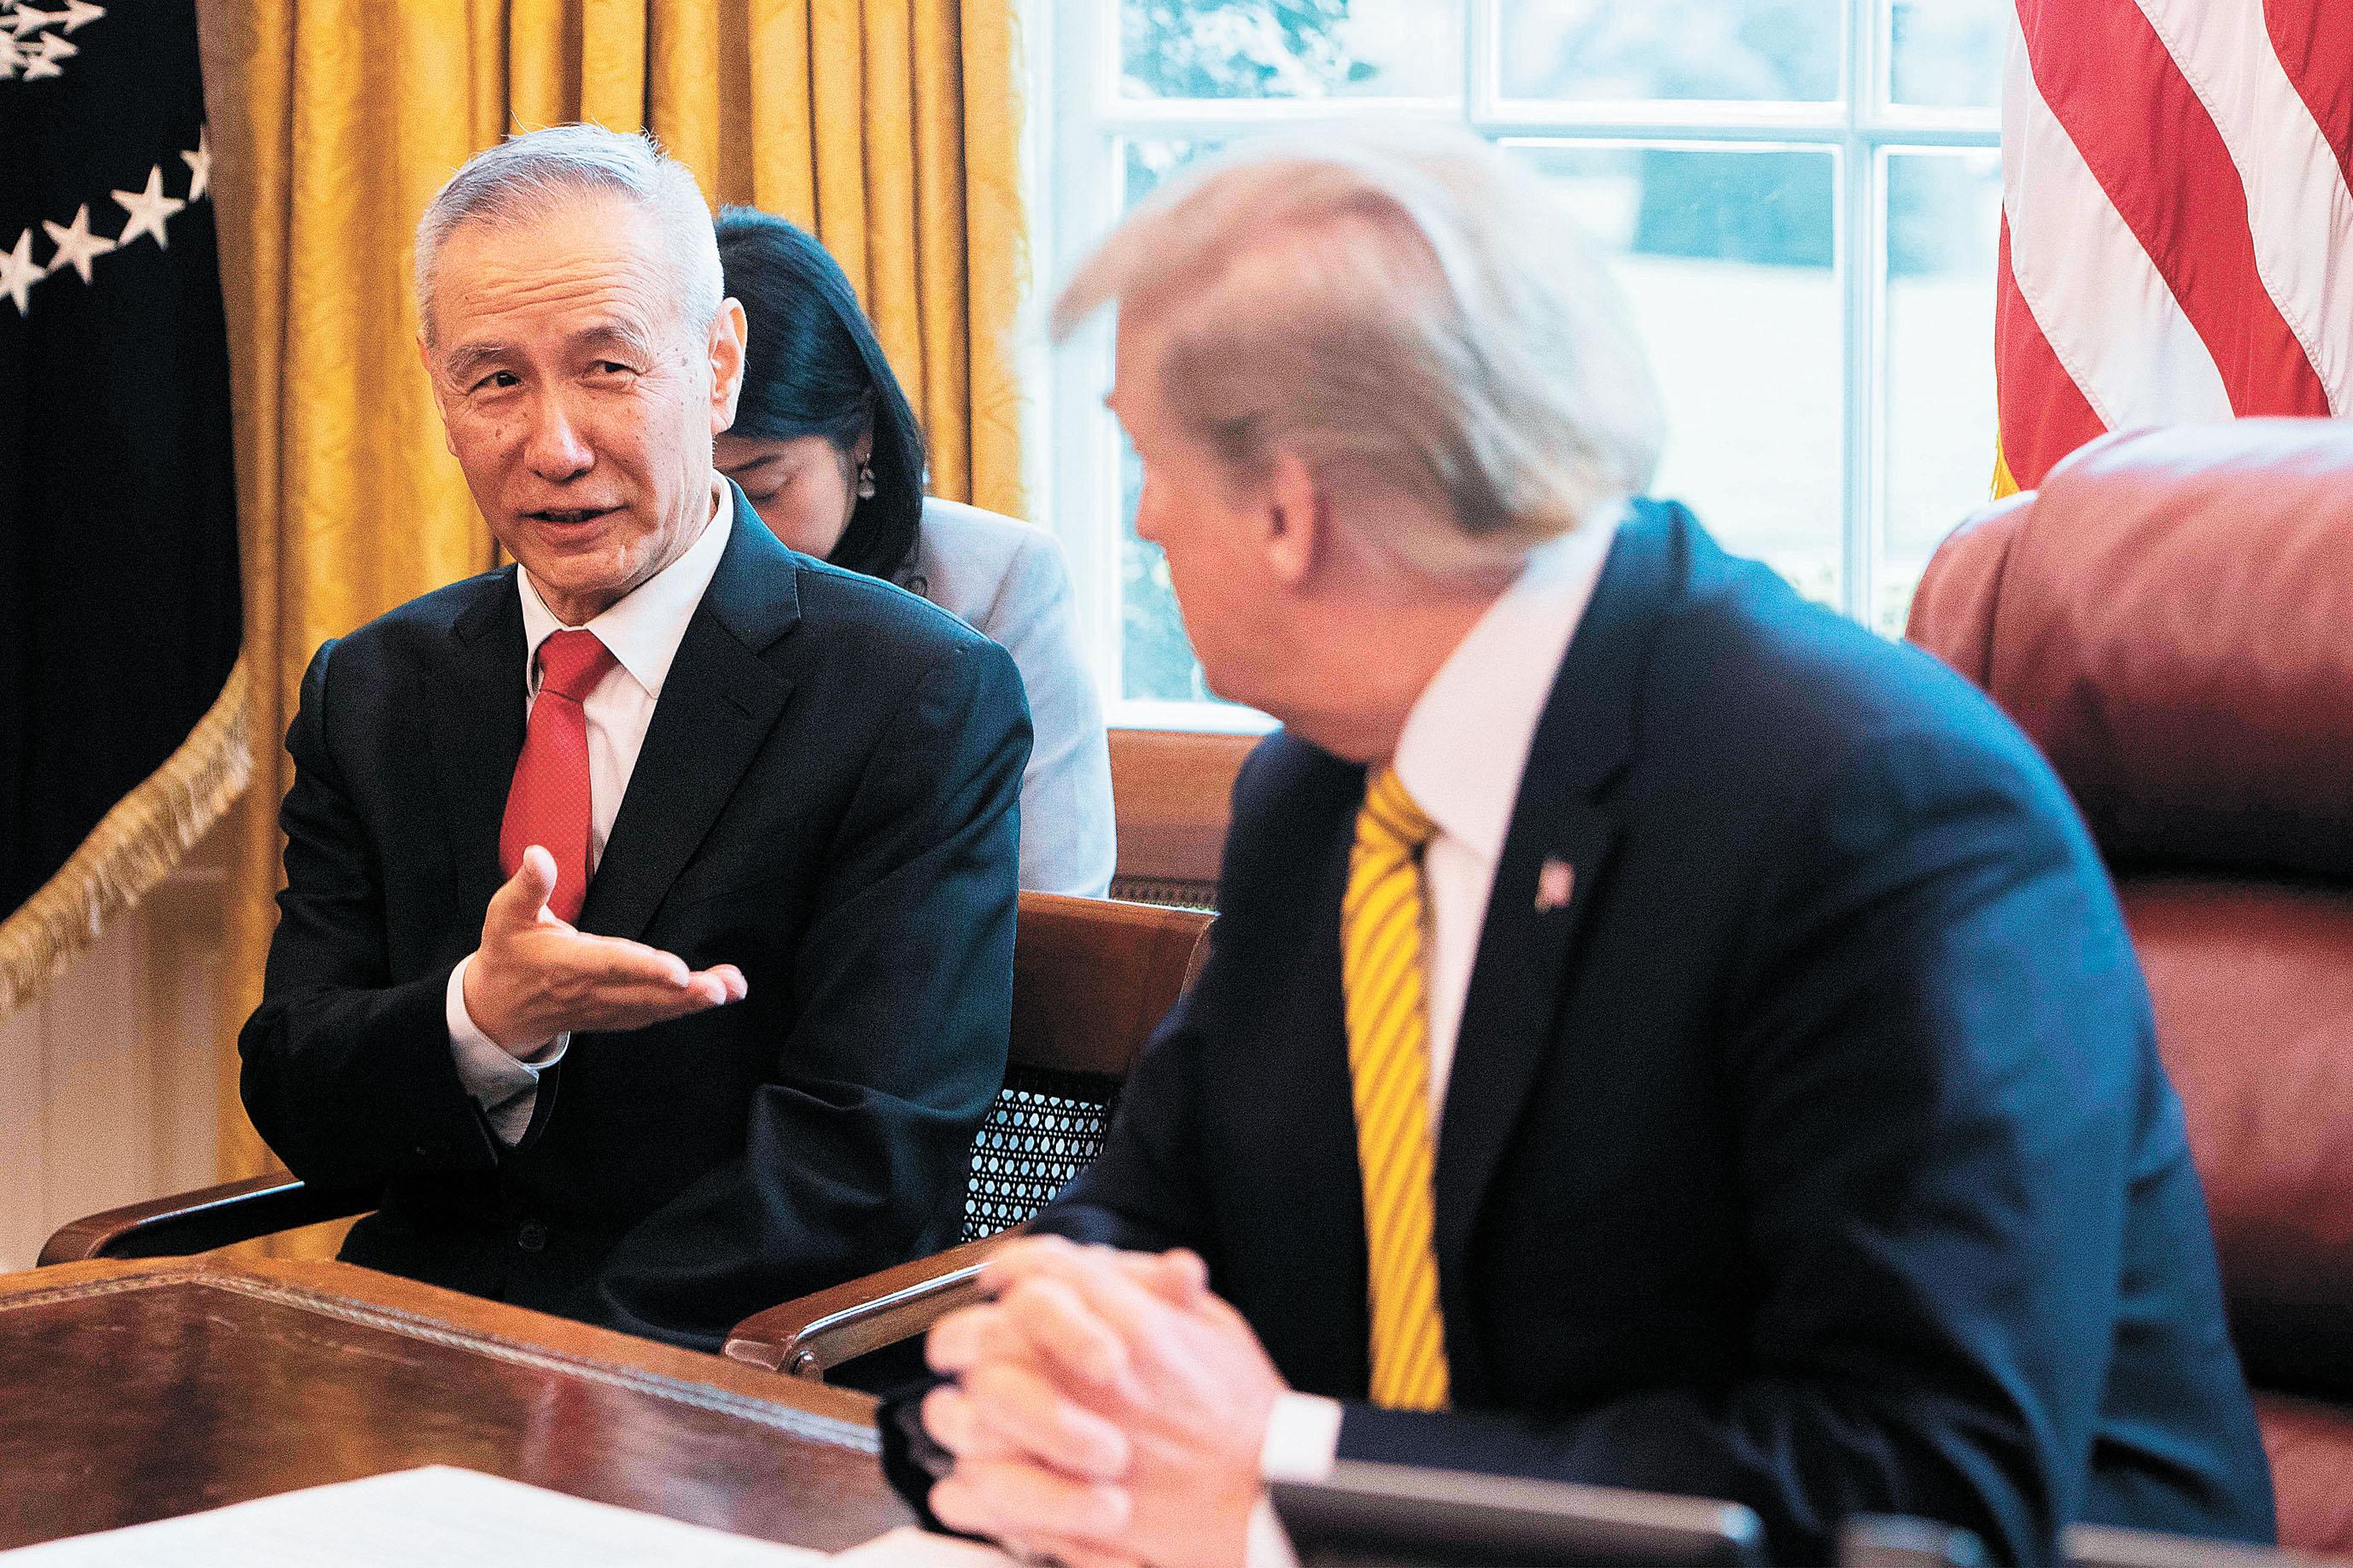 特朗普將於15日與劉鶴在白宮簽署首階段貿易協議。法新社資料圖片